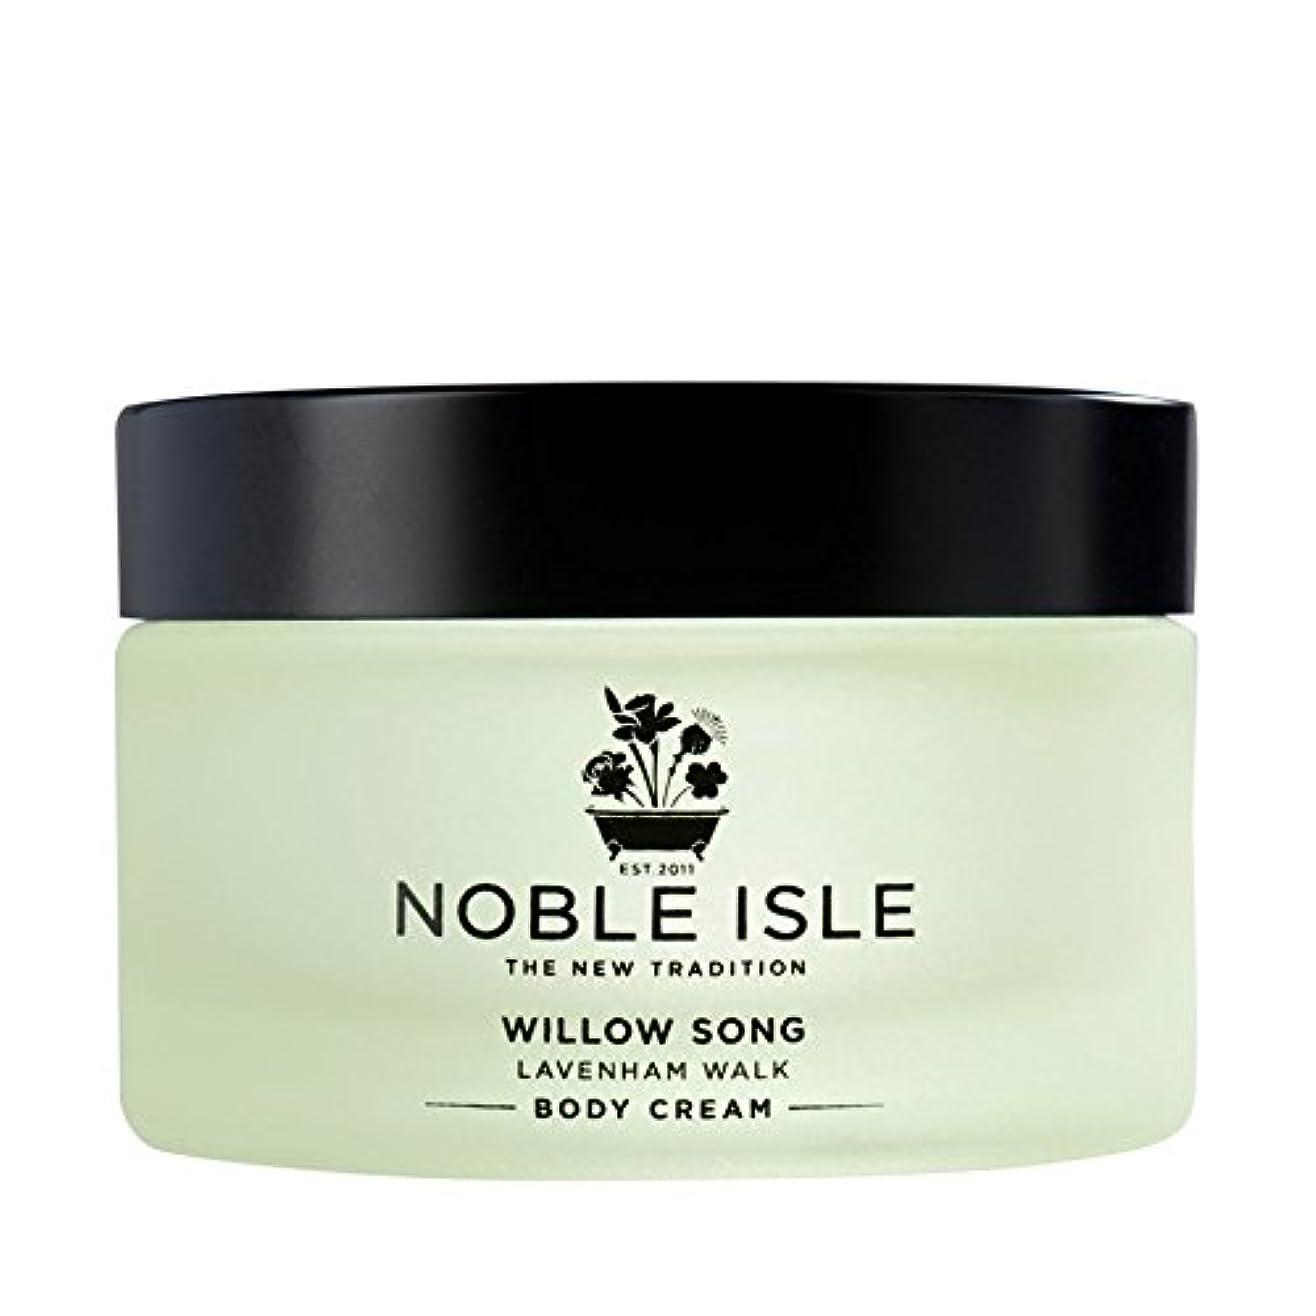 ブッシュビリーヤギお金ゴム高貴な島柳の歌ラヴァンハム徒歩ボディクリーム170ミリリットル x2 - Noble Isle Willow Song Lavenham Walk Body Cream 170ml (Pack of 2) [並行輸入品]